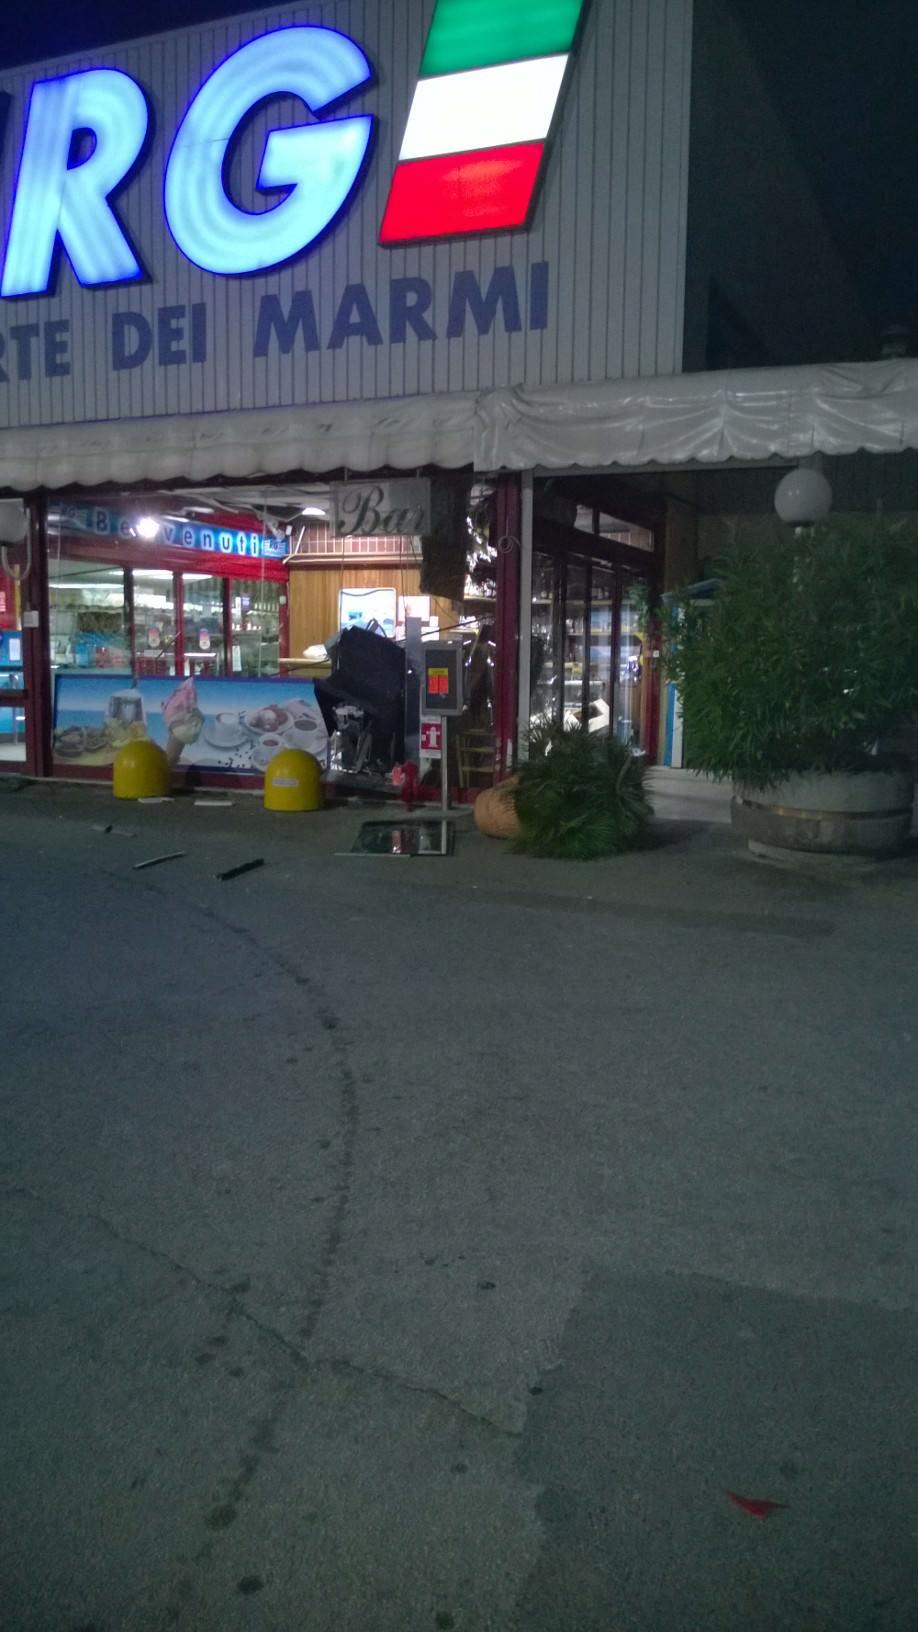 Rapina al Supermercato Rg a Forte dei Marmi. Un altro bancomat fatto esplodere nella notte